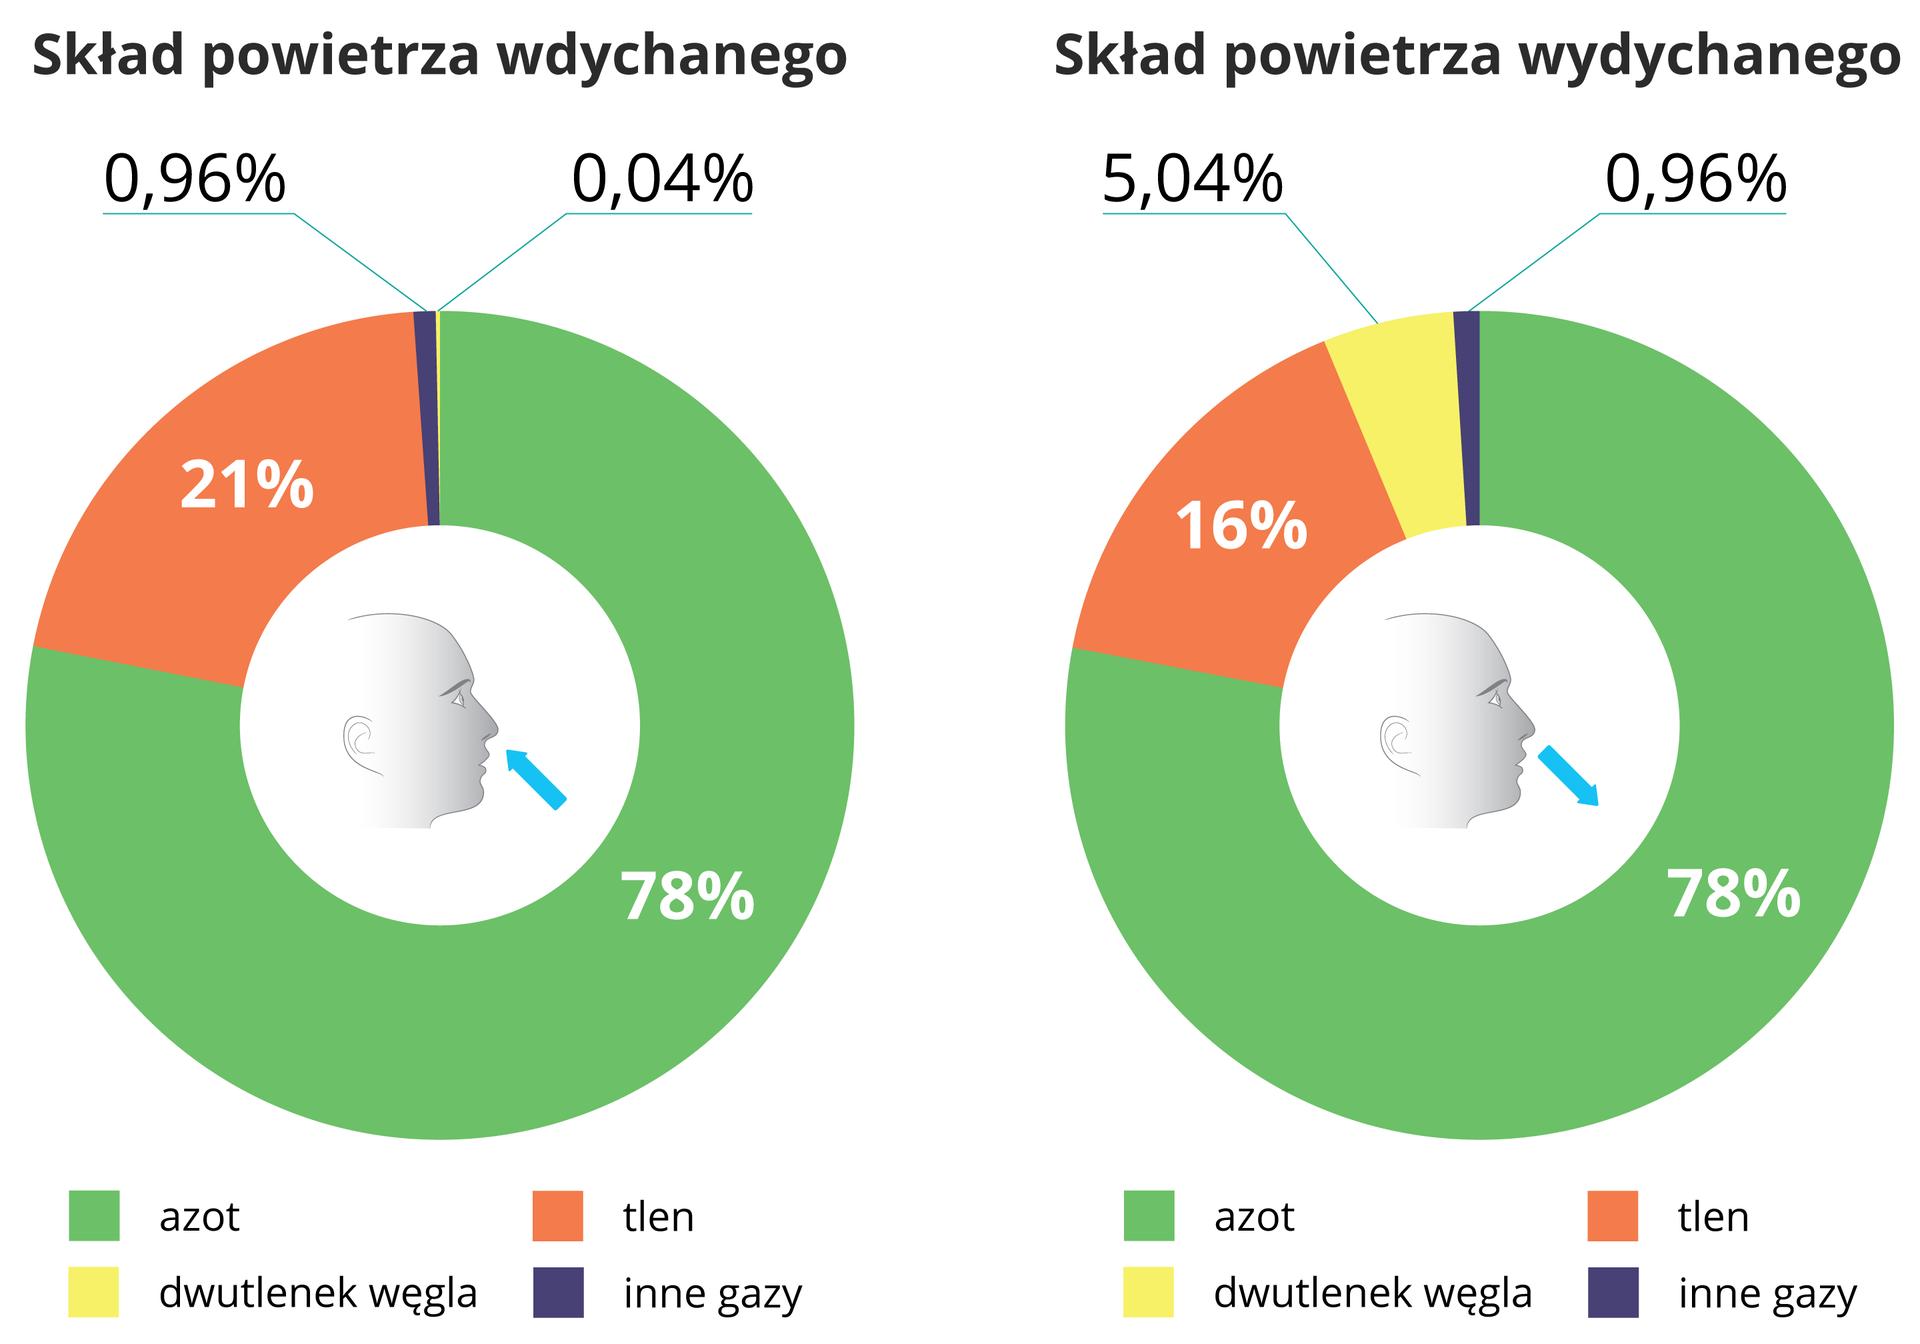 Ilustracja przedstawia dwa diagramy pierścieniowe zsylwetką główki wśrodku. Wobu te same gazy oznaczono tym samym kolorem. Lewy diagram przedstawia skład powietrza wdychanego (błękitna strzałka do główki). Jest wnim 78 procent azotu (zielony), 21 procent tlenu (pomarańczowy) , 97 setnych procenta dwutlenku węgla (żółty) i4 setne procenta innych gazów (granatowy). Prawy diagram przedstawia skład powietrza wydychanego (strzałka od główki). Ilość azotu nie zmieniła się. Tlenu jest 16 procent, dwutlenku węgla pięć icztery setne procenta, innych gazów jest 96 setnych procenta.